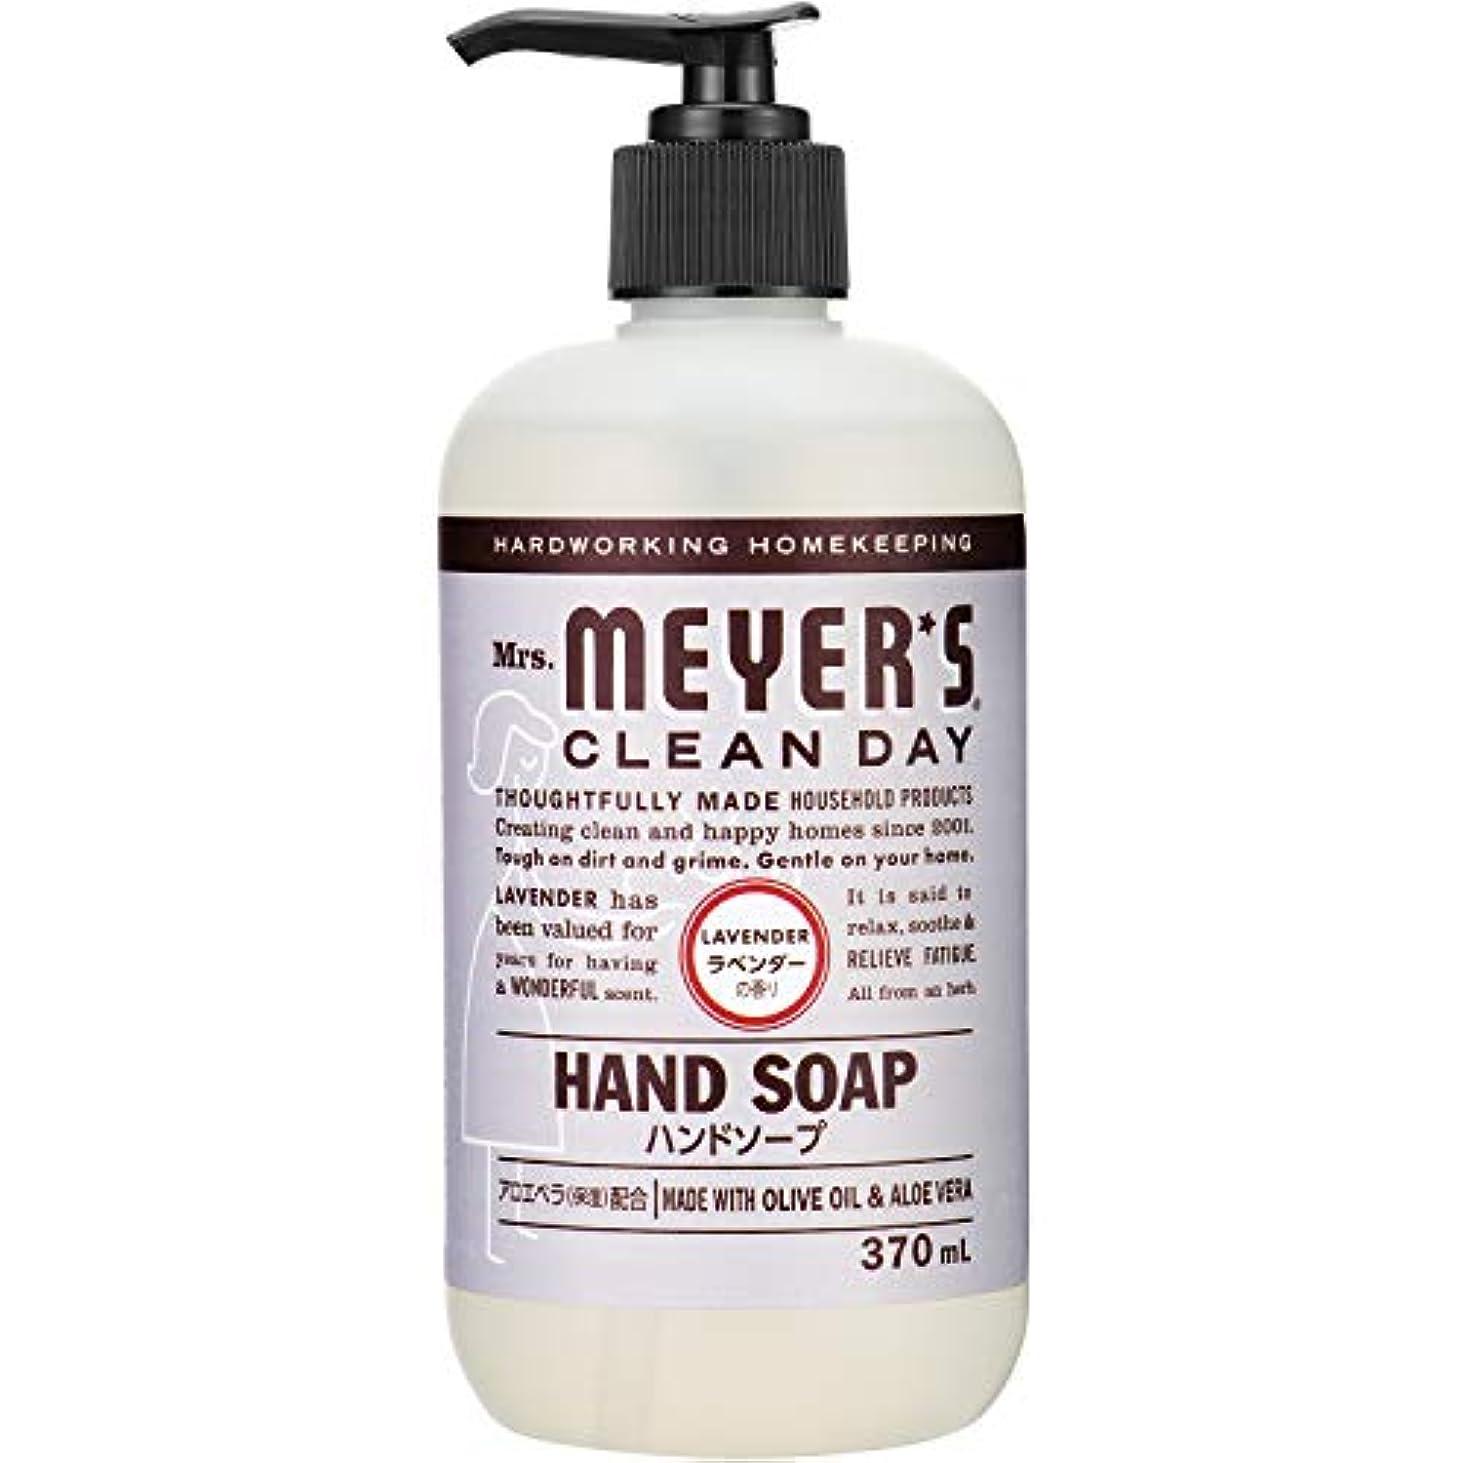 味寛解贅沢Mrs. MEYER'S CLEAN DAY(ミセスマイヤーズ クリーンデイ) ミセスマイヤーズ クリーンデイ(Mrs.Meyers Clean Day) ハンドソープ ラベンダーの香り 370ml